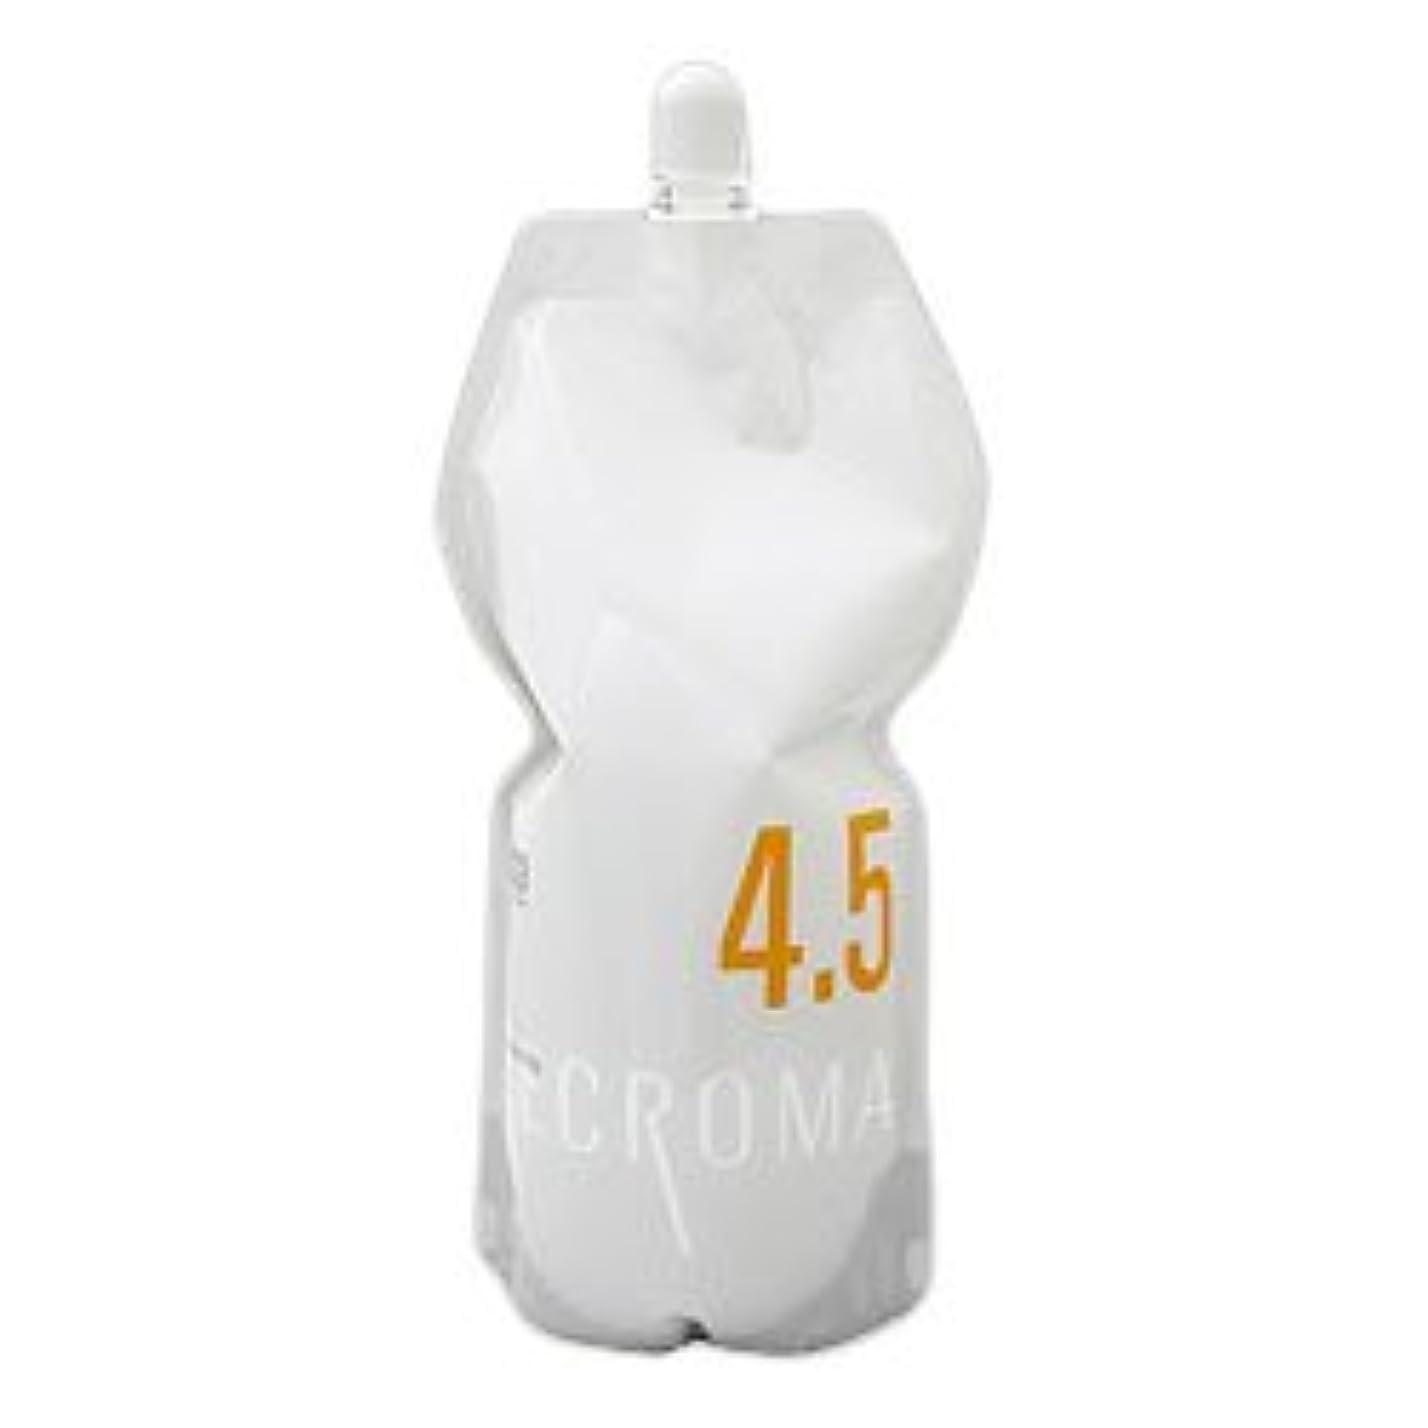 鷹凍る排除ナンバースリー リクロマ オキシ OX 1200ml (レフィル) 4.5% 【ヘアカラー2剤】【業務用】【医薬部外品】